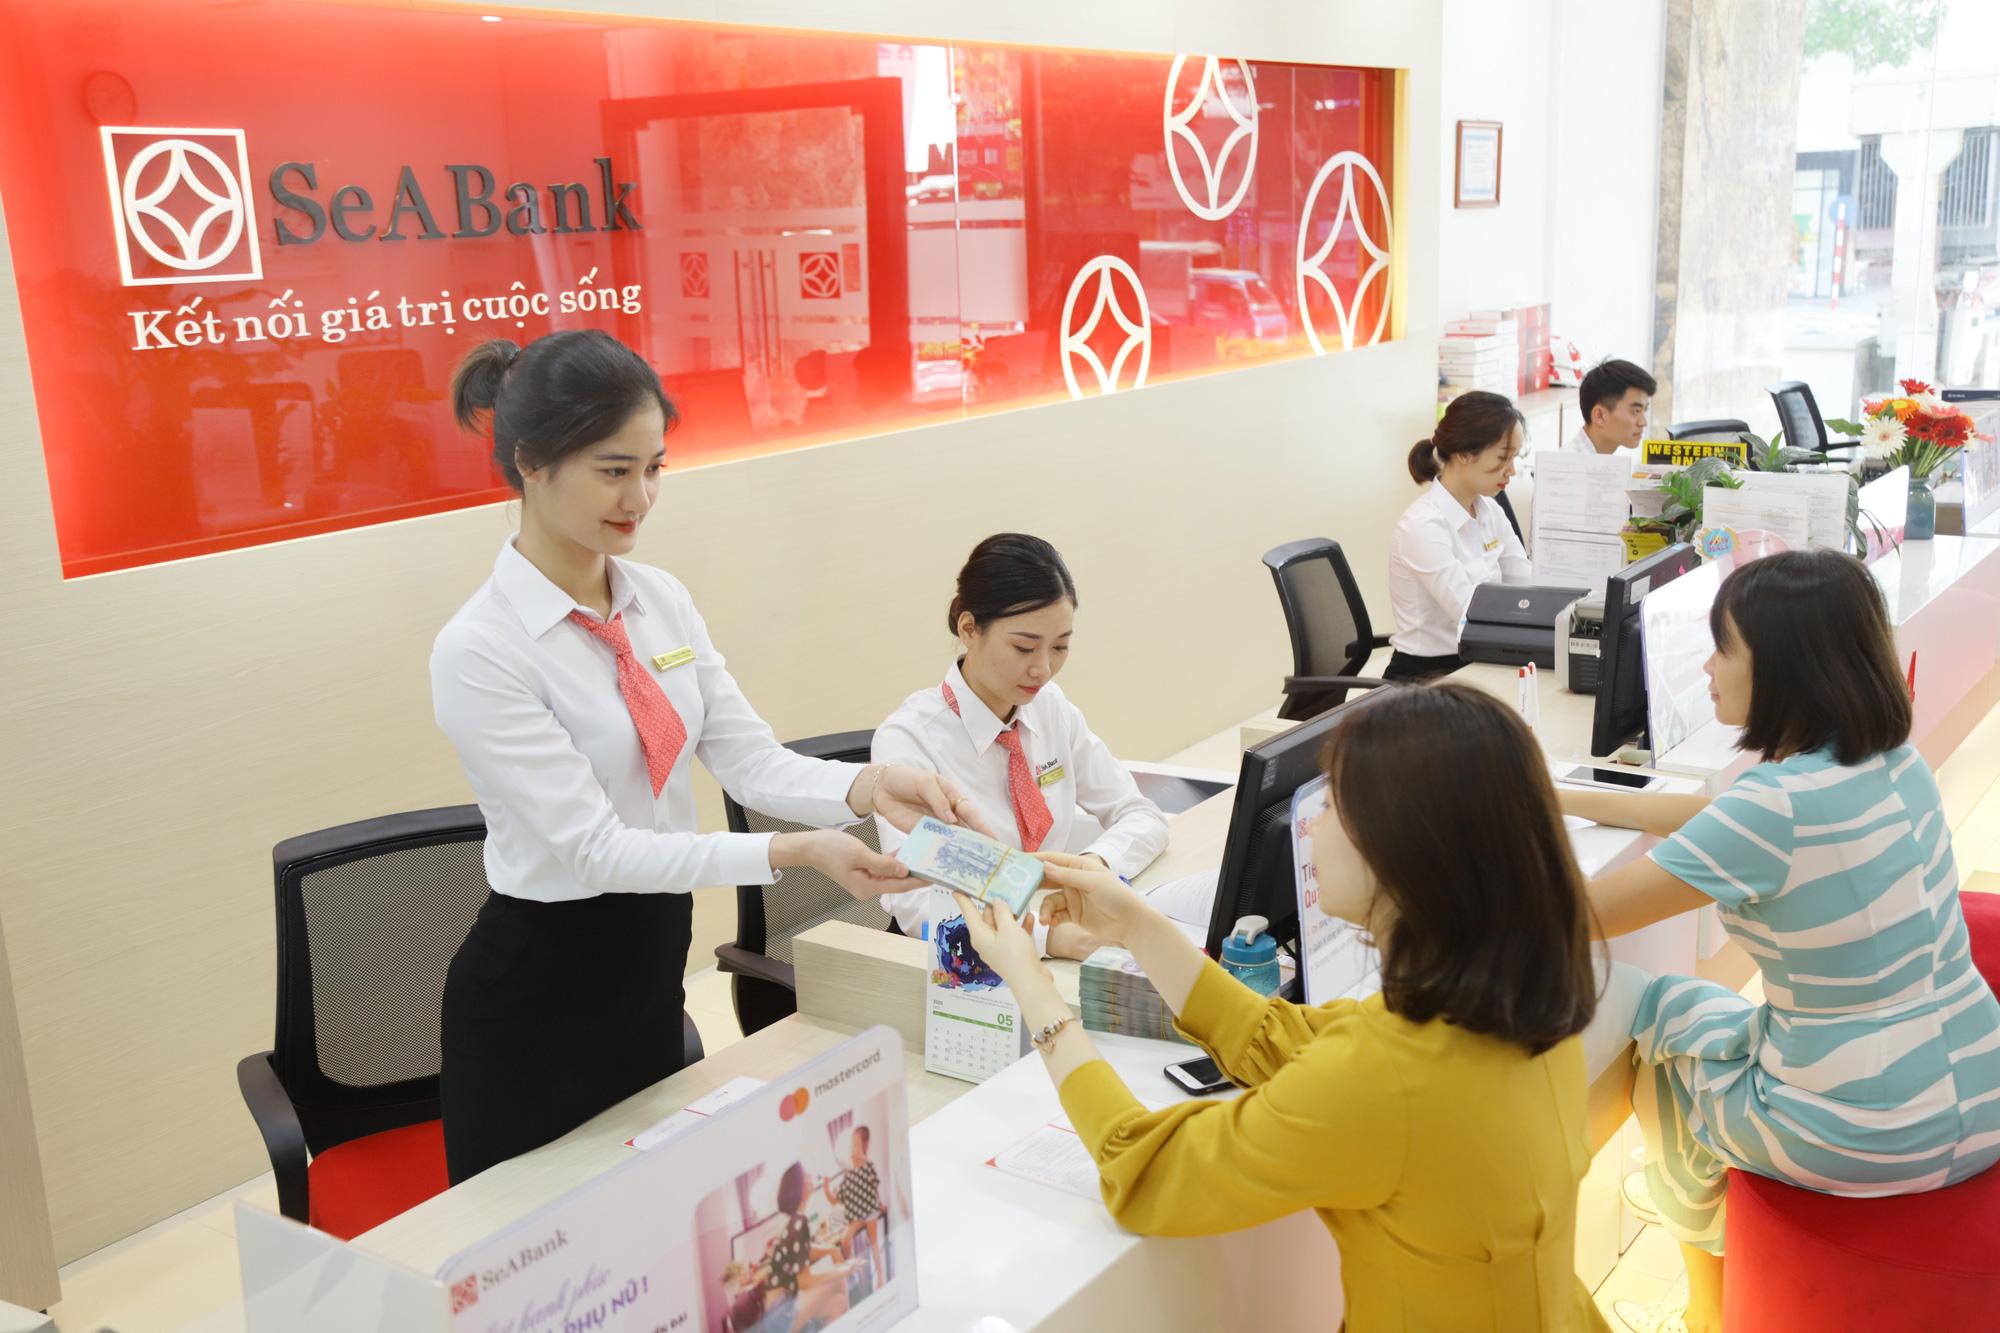 SeABank đạt lợi nhuận trước thuế gần 1.729 tỷ đồng, hoàn thành 115% kế hoạch 2020 - Ảnh 2.